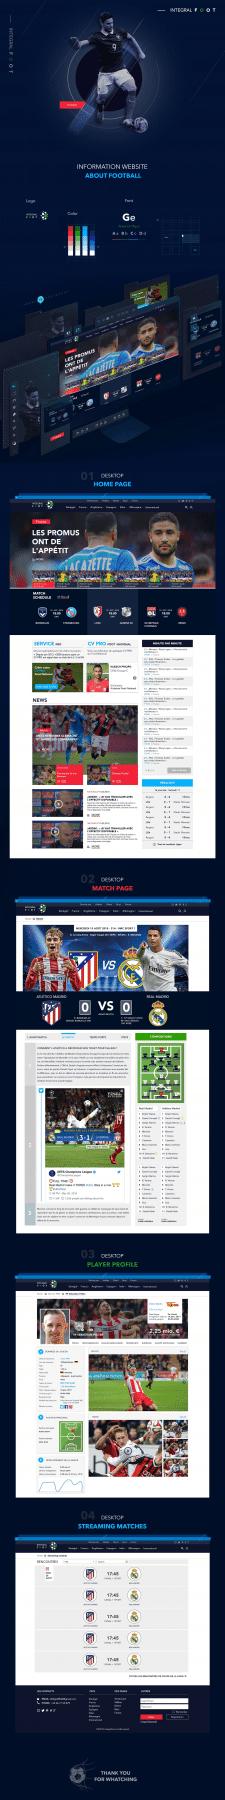 Дизайн сайта для футбольных трансляций